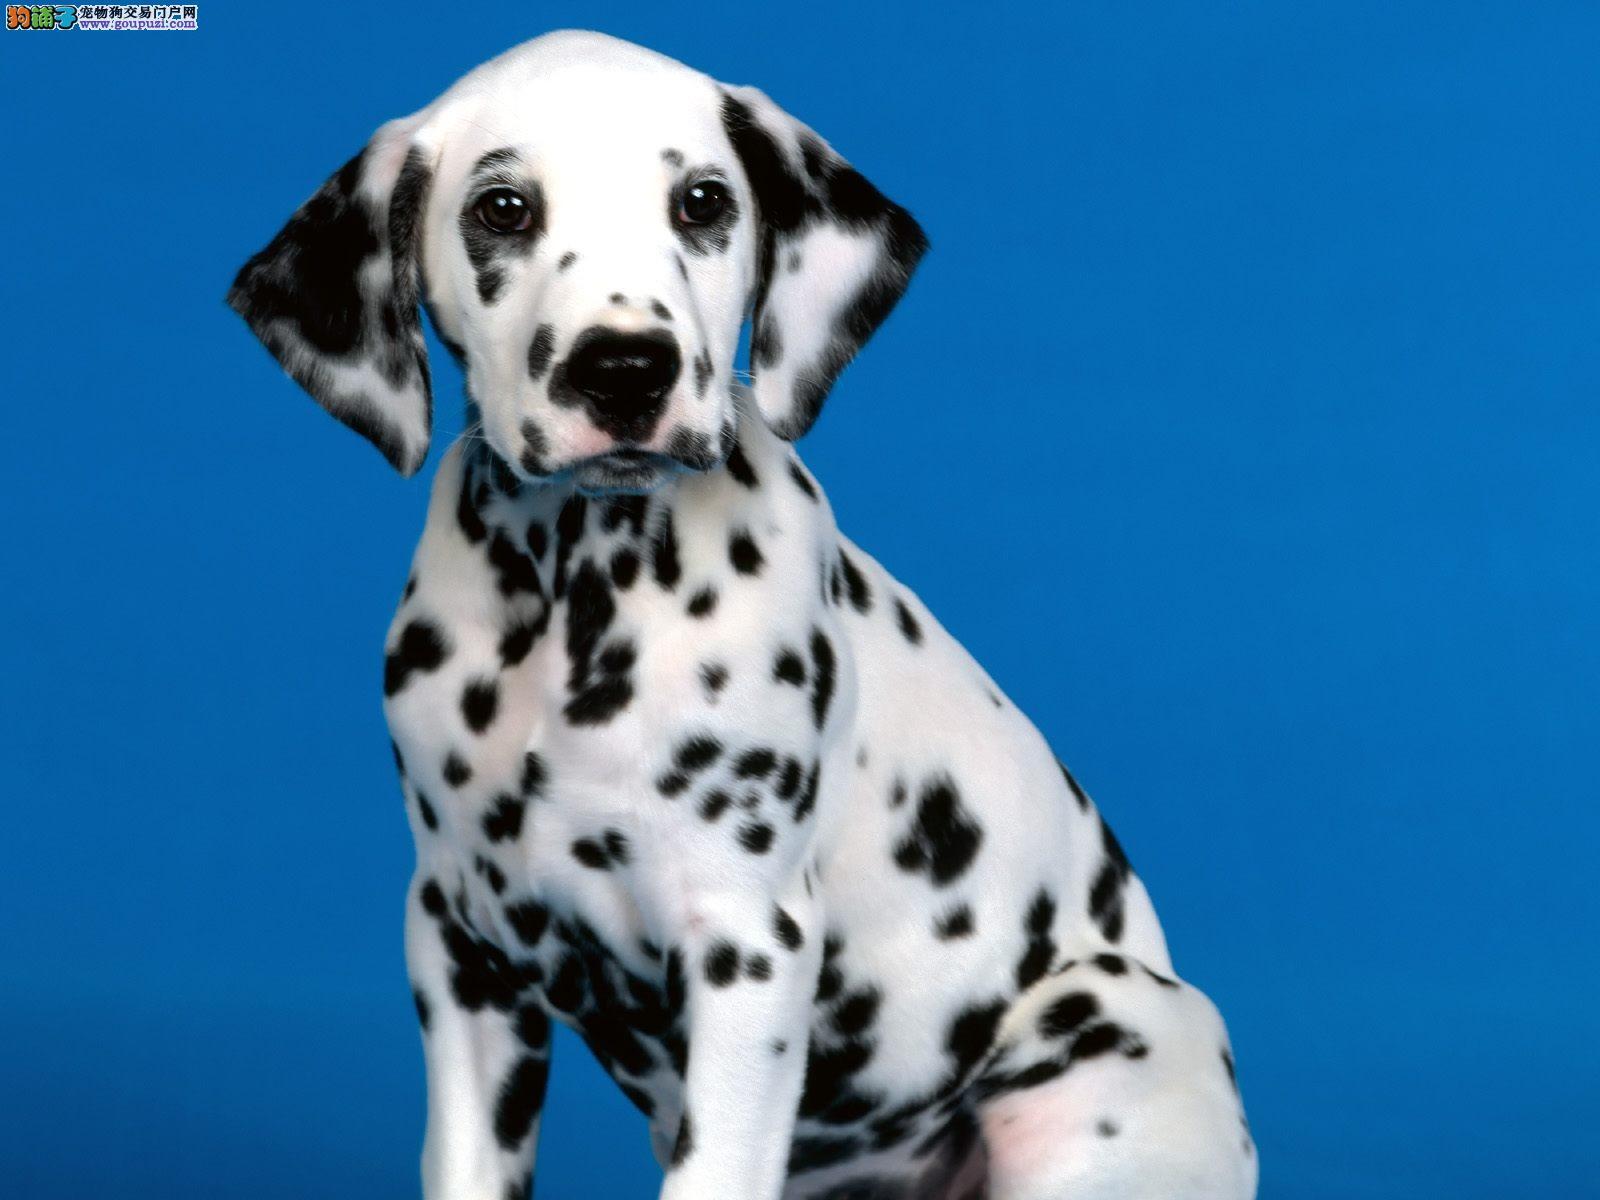 斑点狗宝宝热销中,纯度好100%健康,购犬可签协议1